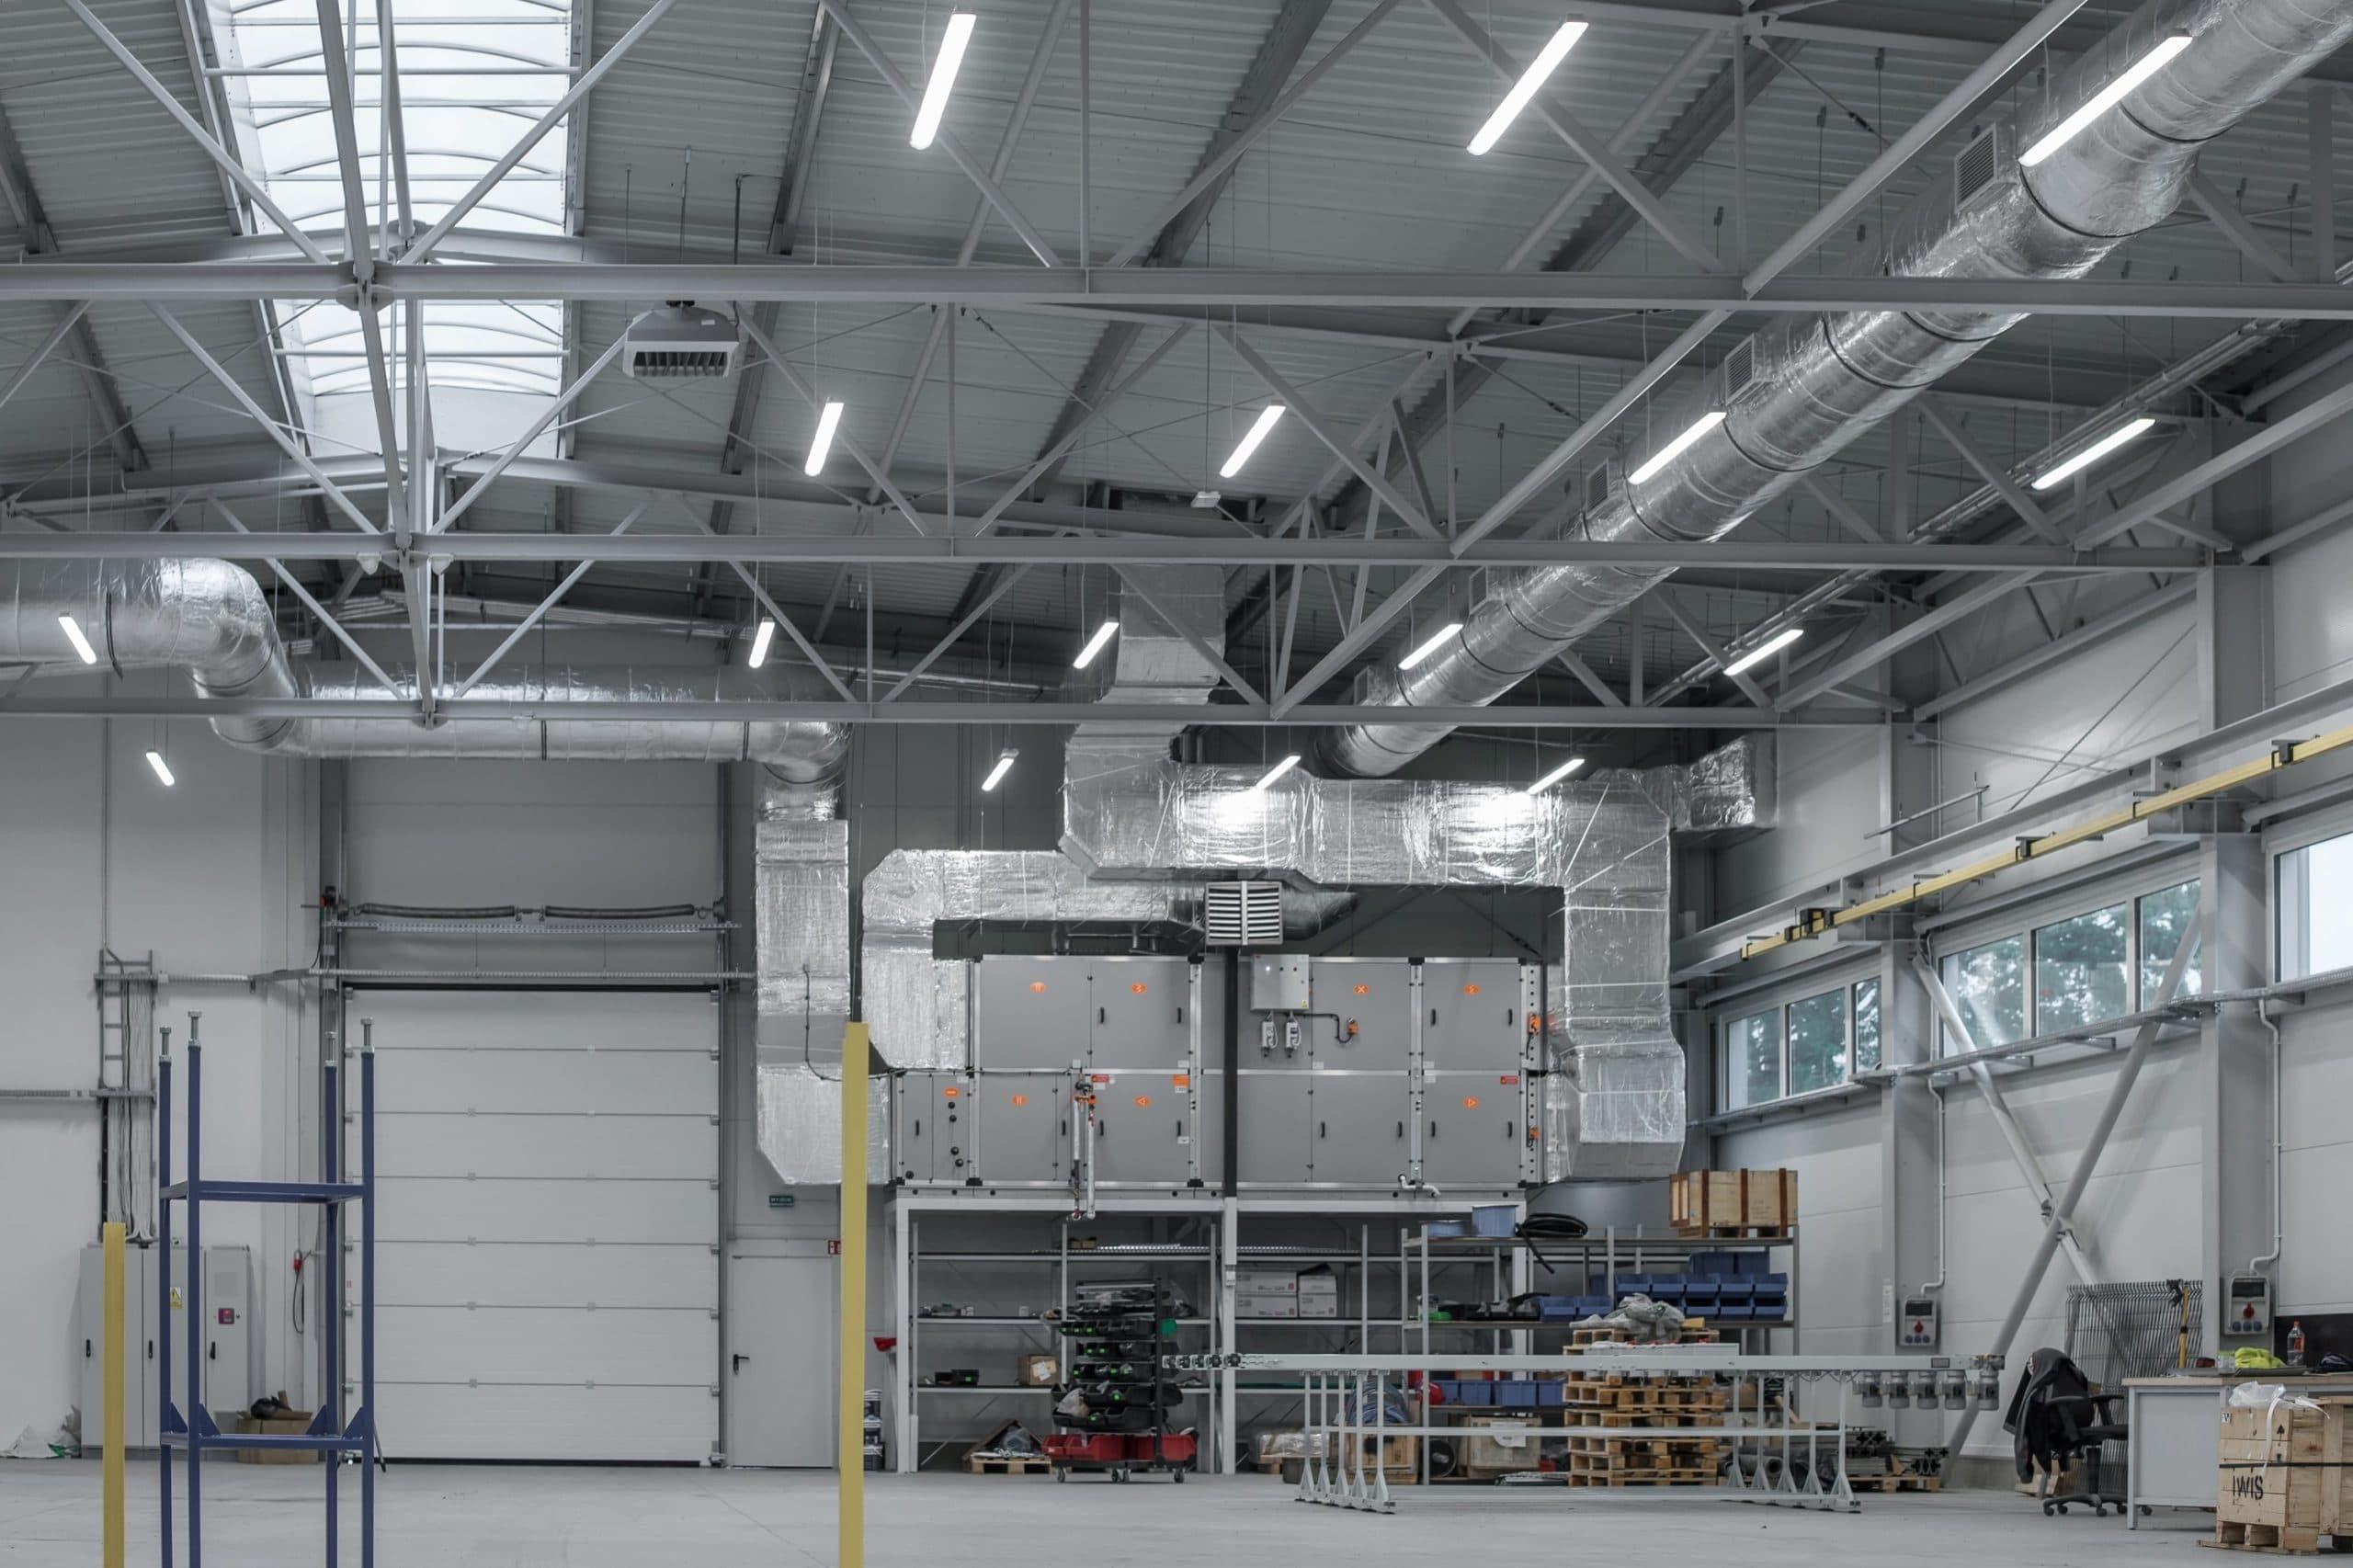 Zmodernizowana hala firmy Agemar z oprawami Ultima - Luxon LED i